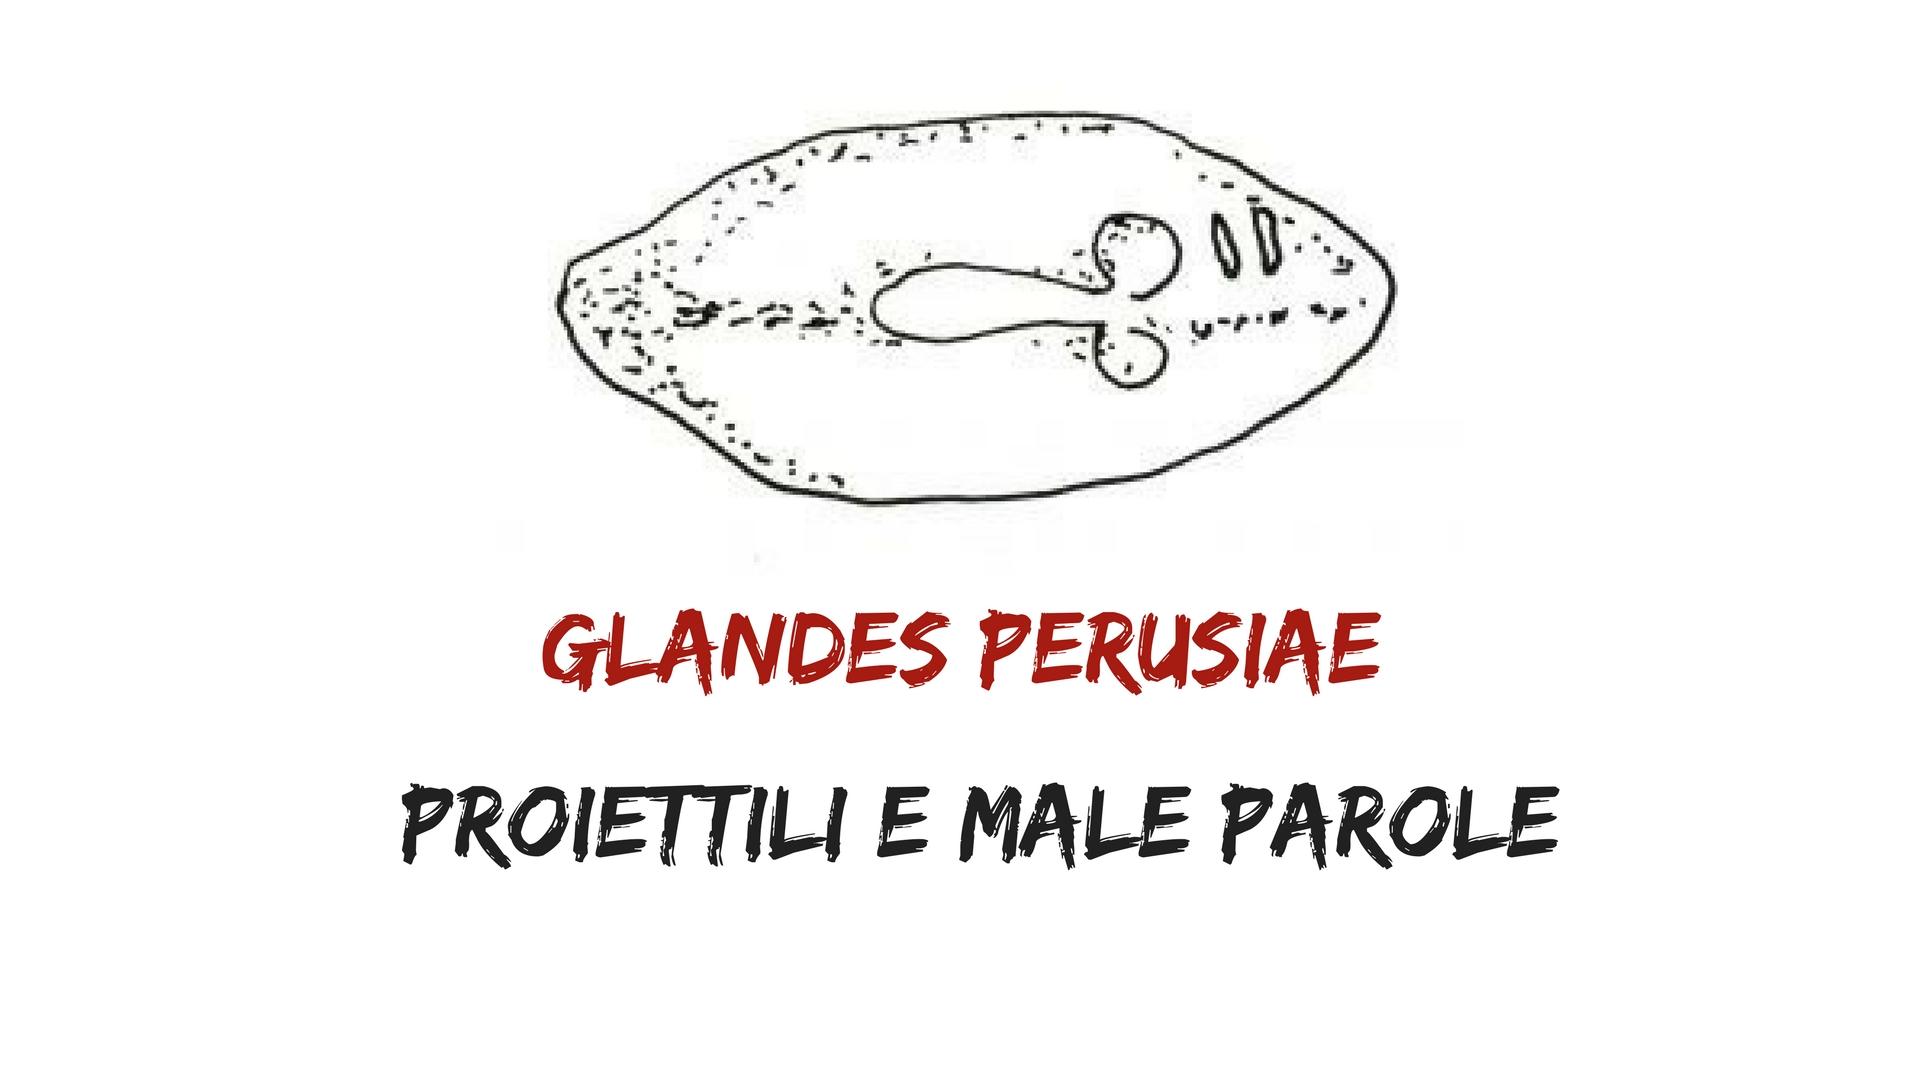 Glandes Perusiae - proiettili e parolacce!